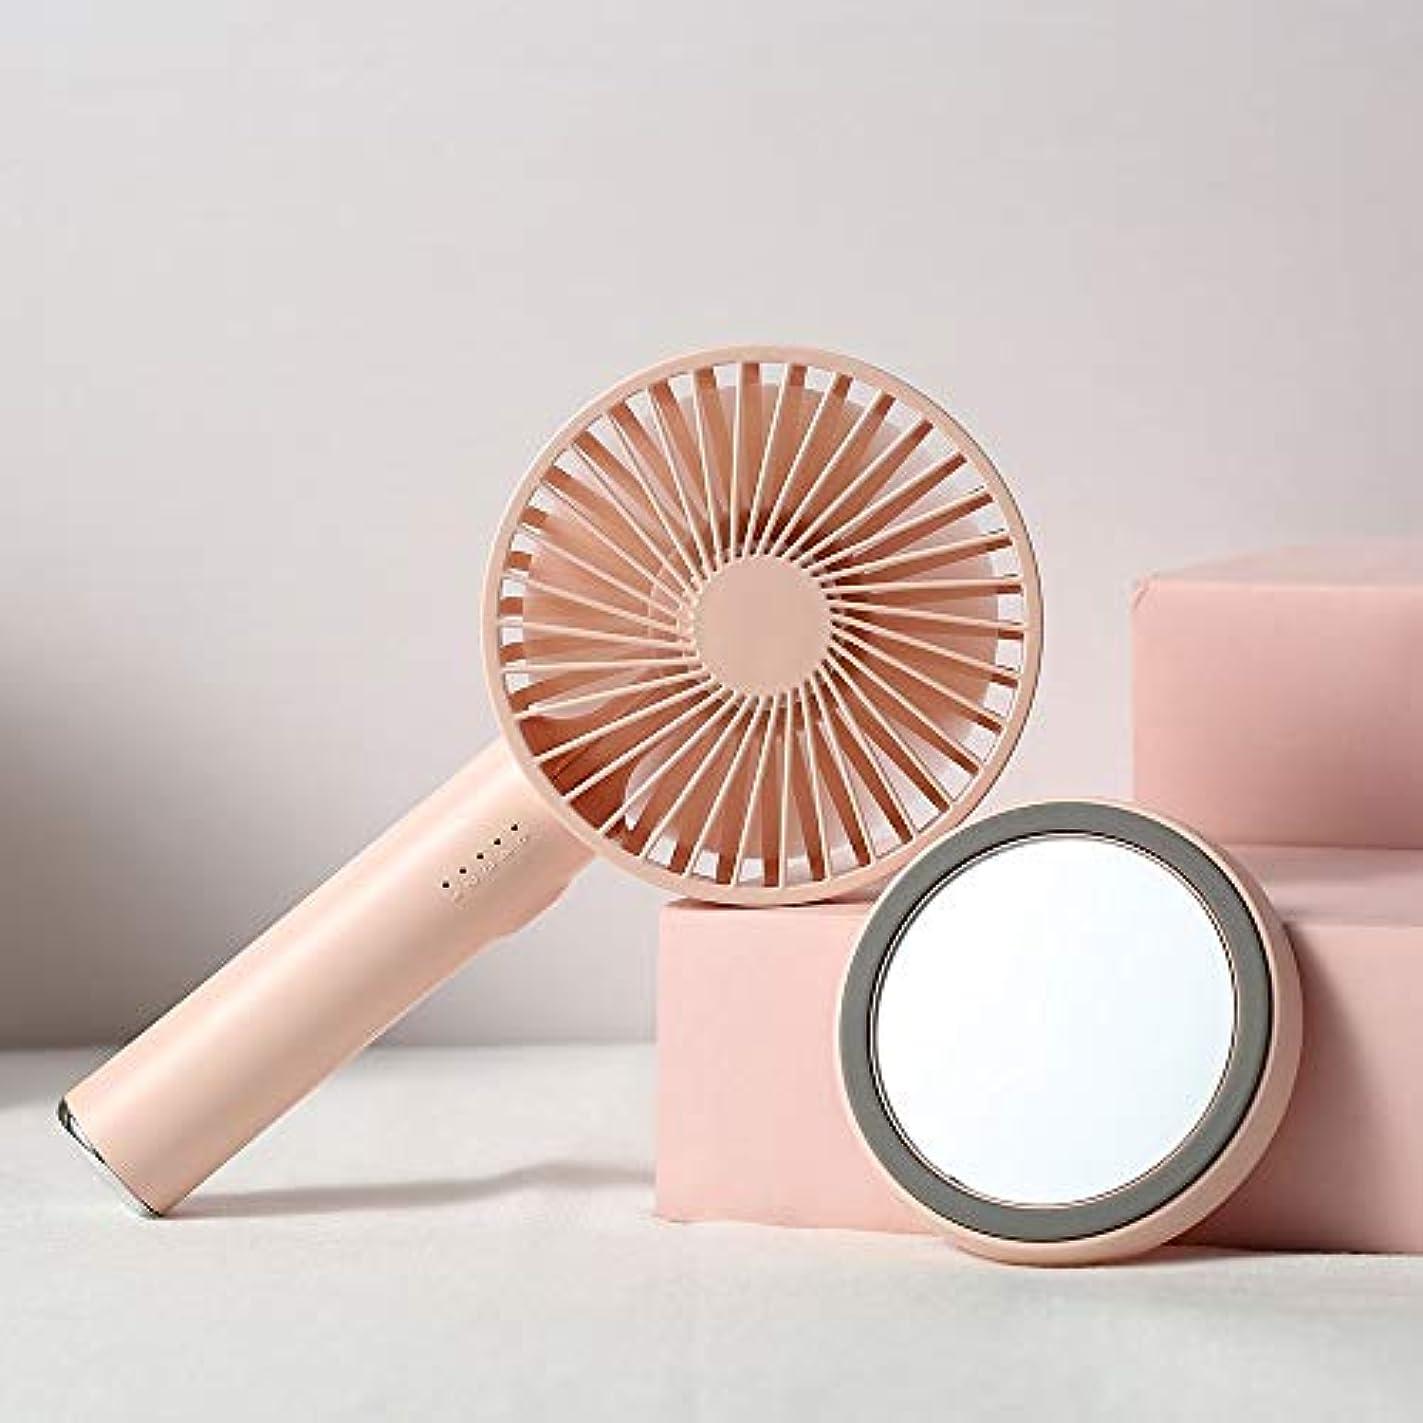 伝記血まみれシャーク流行の クリエイティブ新しいファンの化粧鏡の手持ち型の無声ファン5速調整ポータブル屋外の美しさのミラーミラー2つの黄色のモデルピンク (色 : Pink)